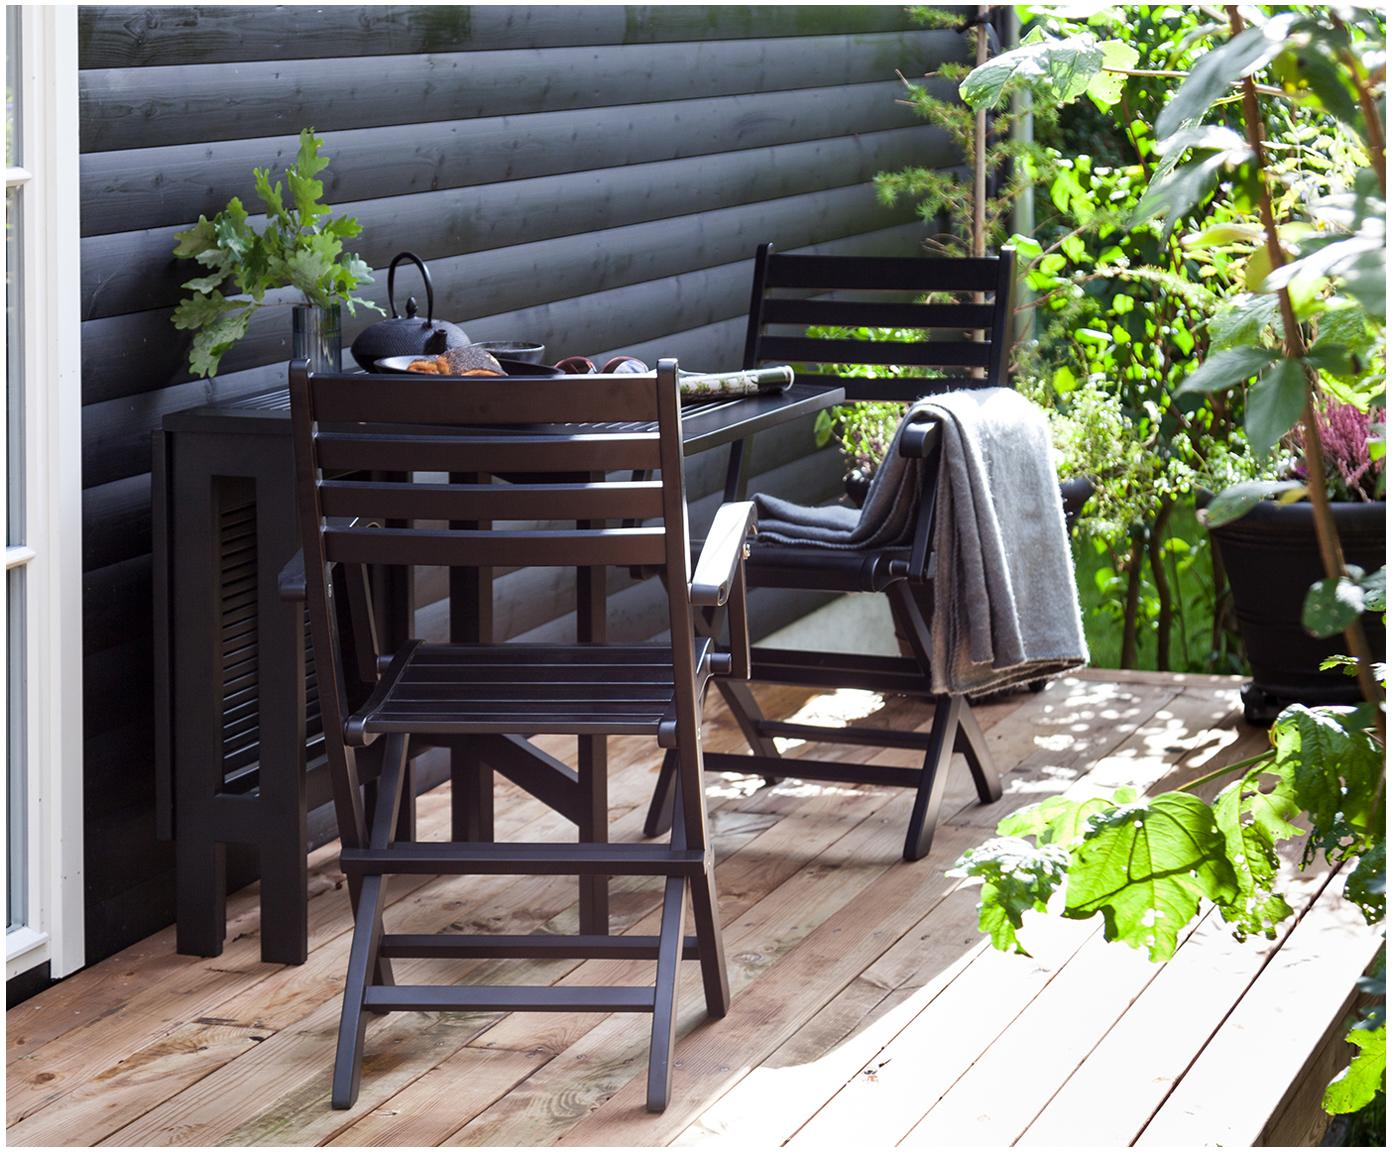 Krzesło ogrodowe z drewna York, Drewno tekowe, piaskowane, lakierowany, Czarny, 51 x 86 cm